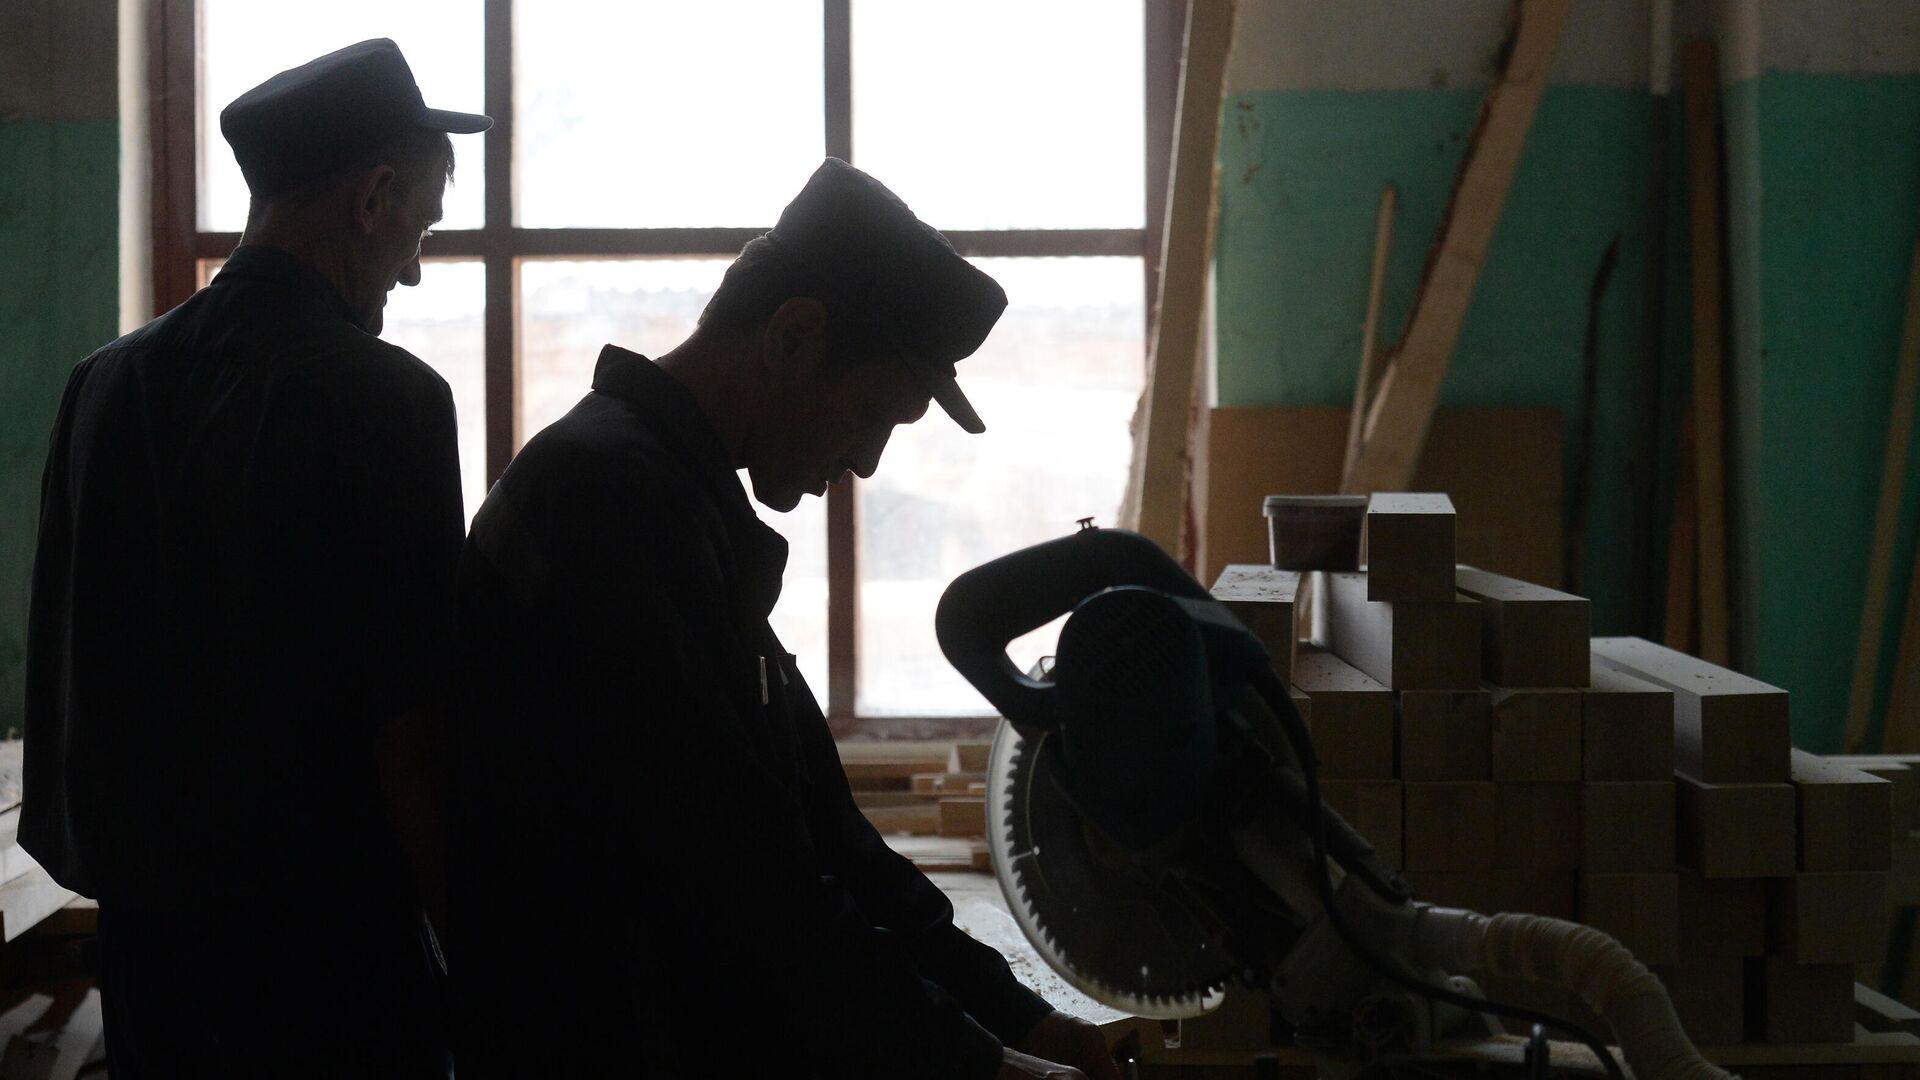 Заключенные работают в столярном цехе  - РИА Новости, 1920, 18.05.2021